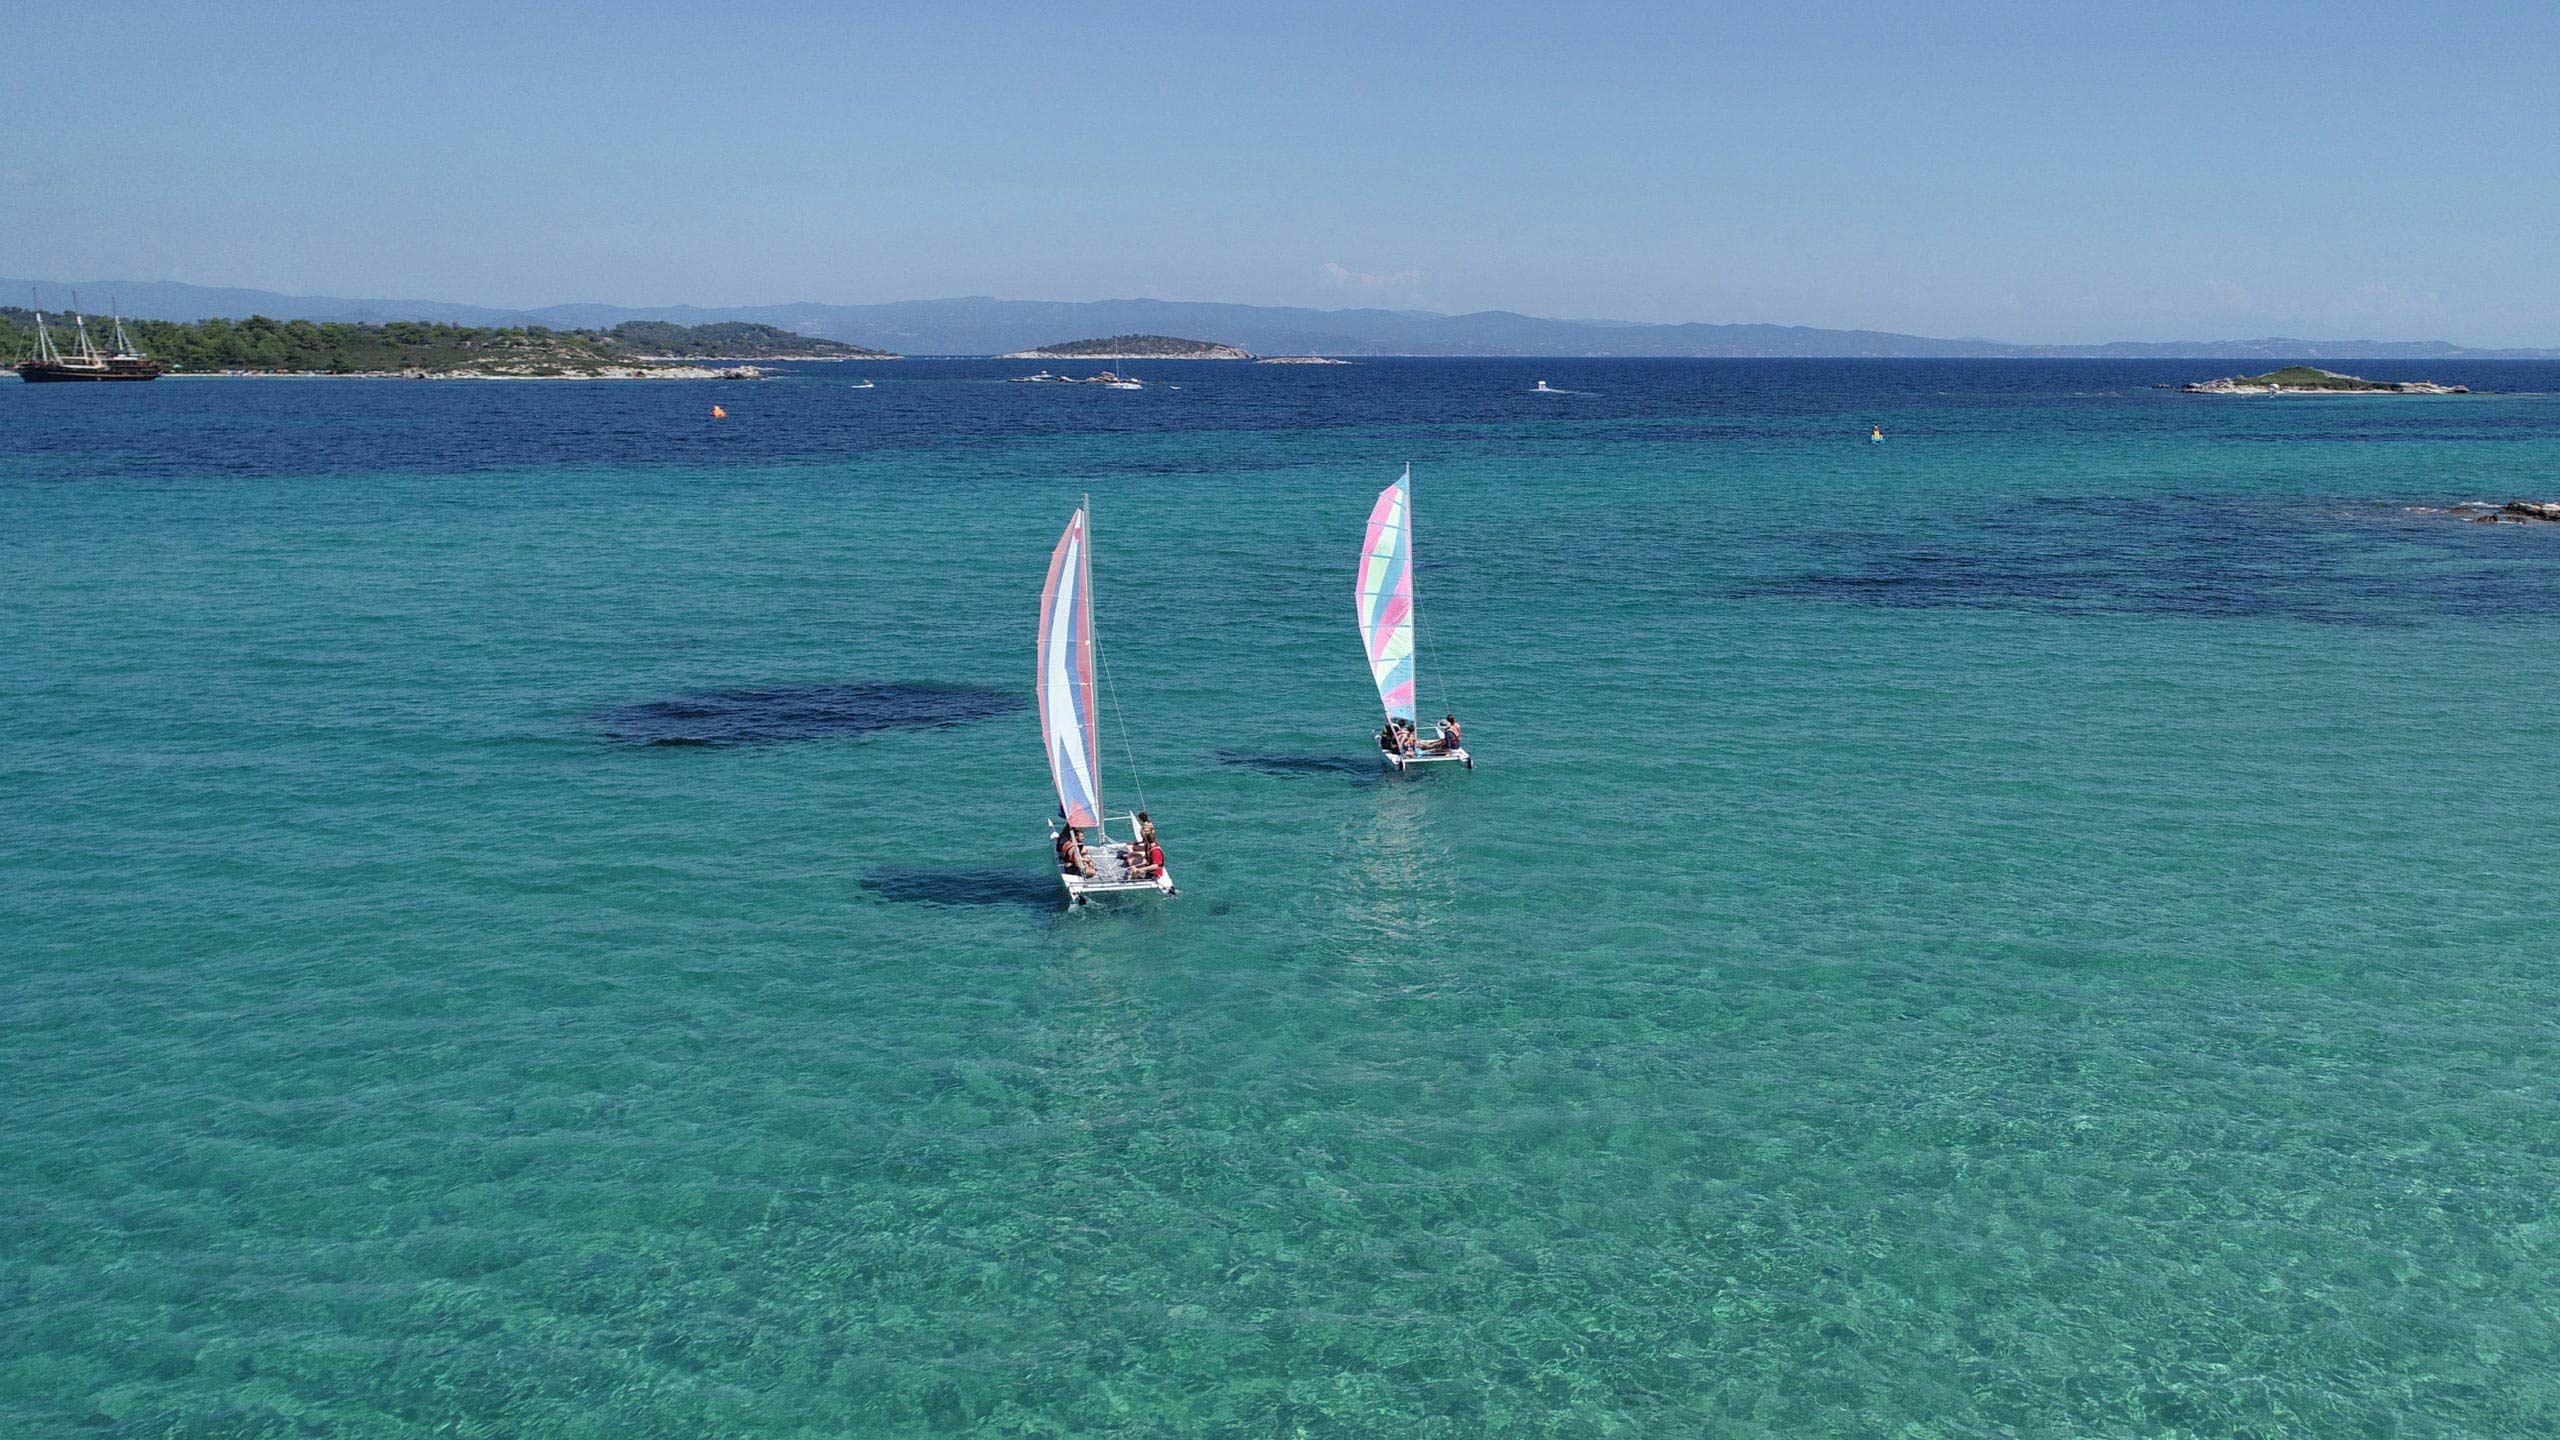 Δύο καταμαράν πλέοντας σε γαλάζια θάλασσα